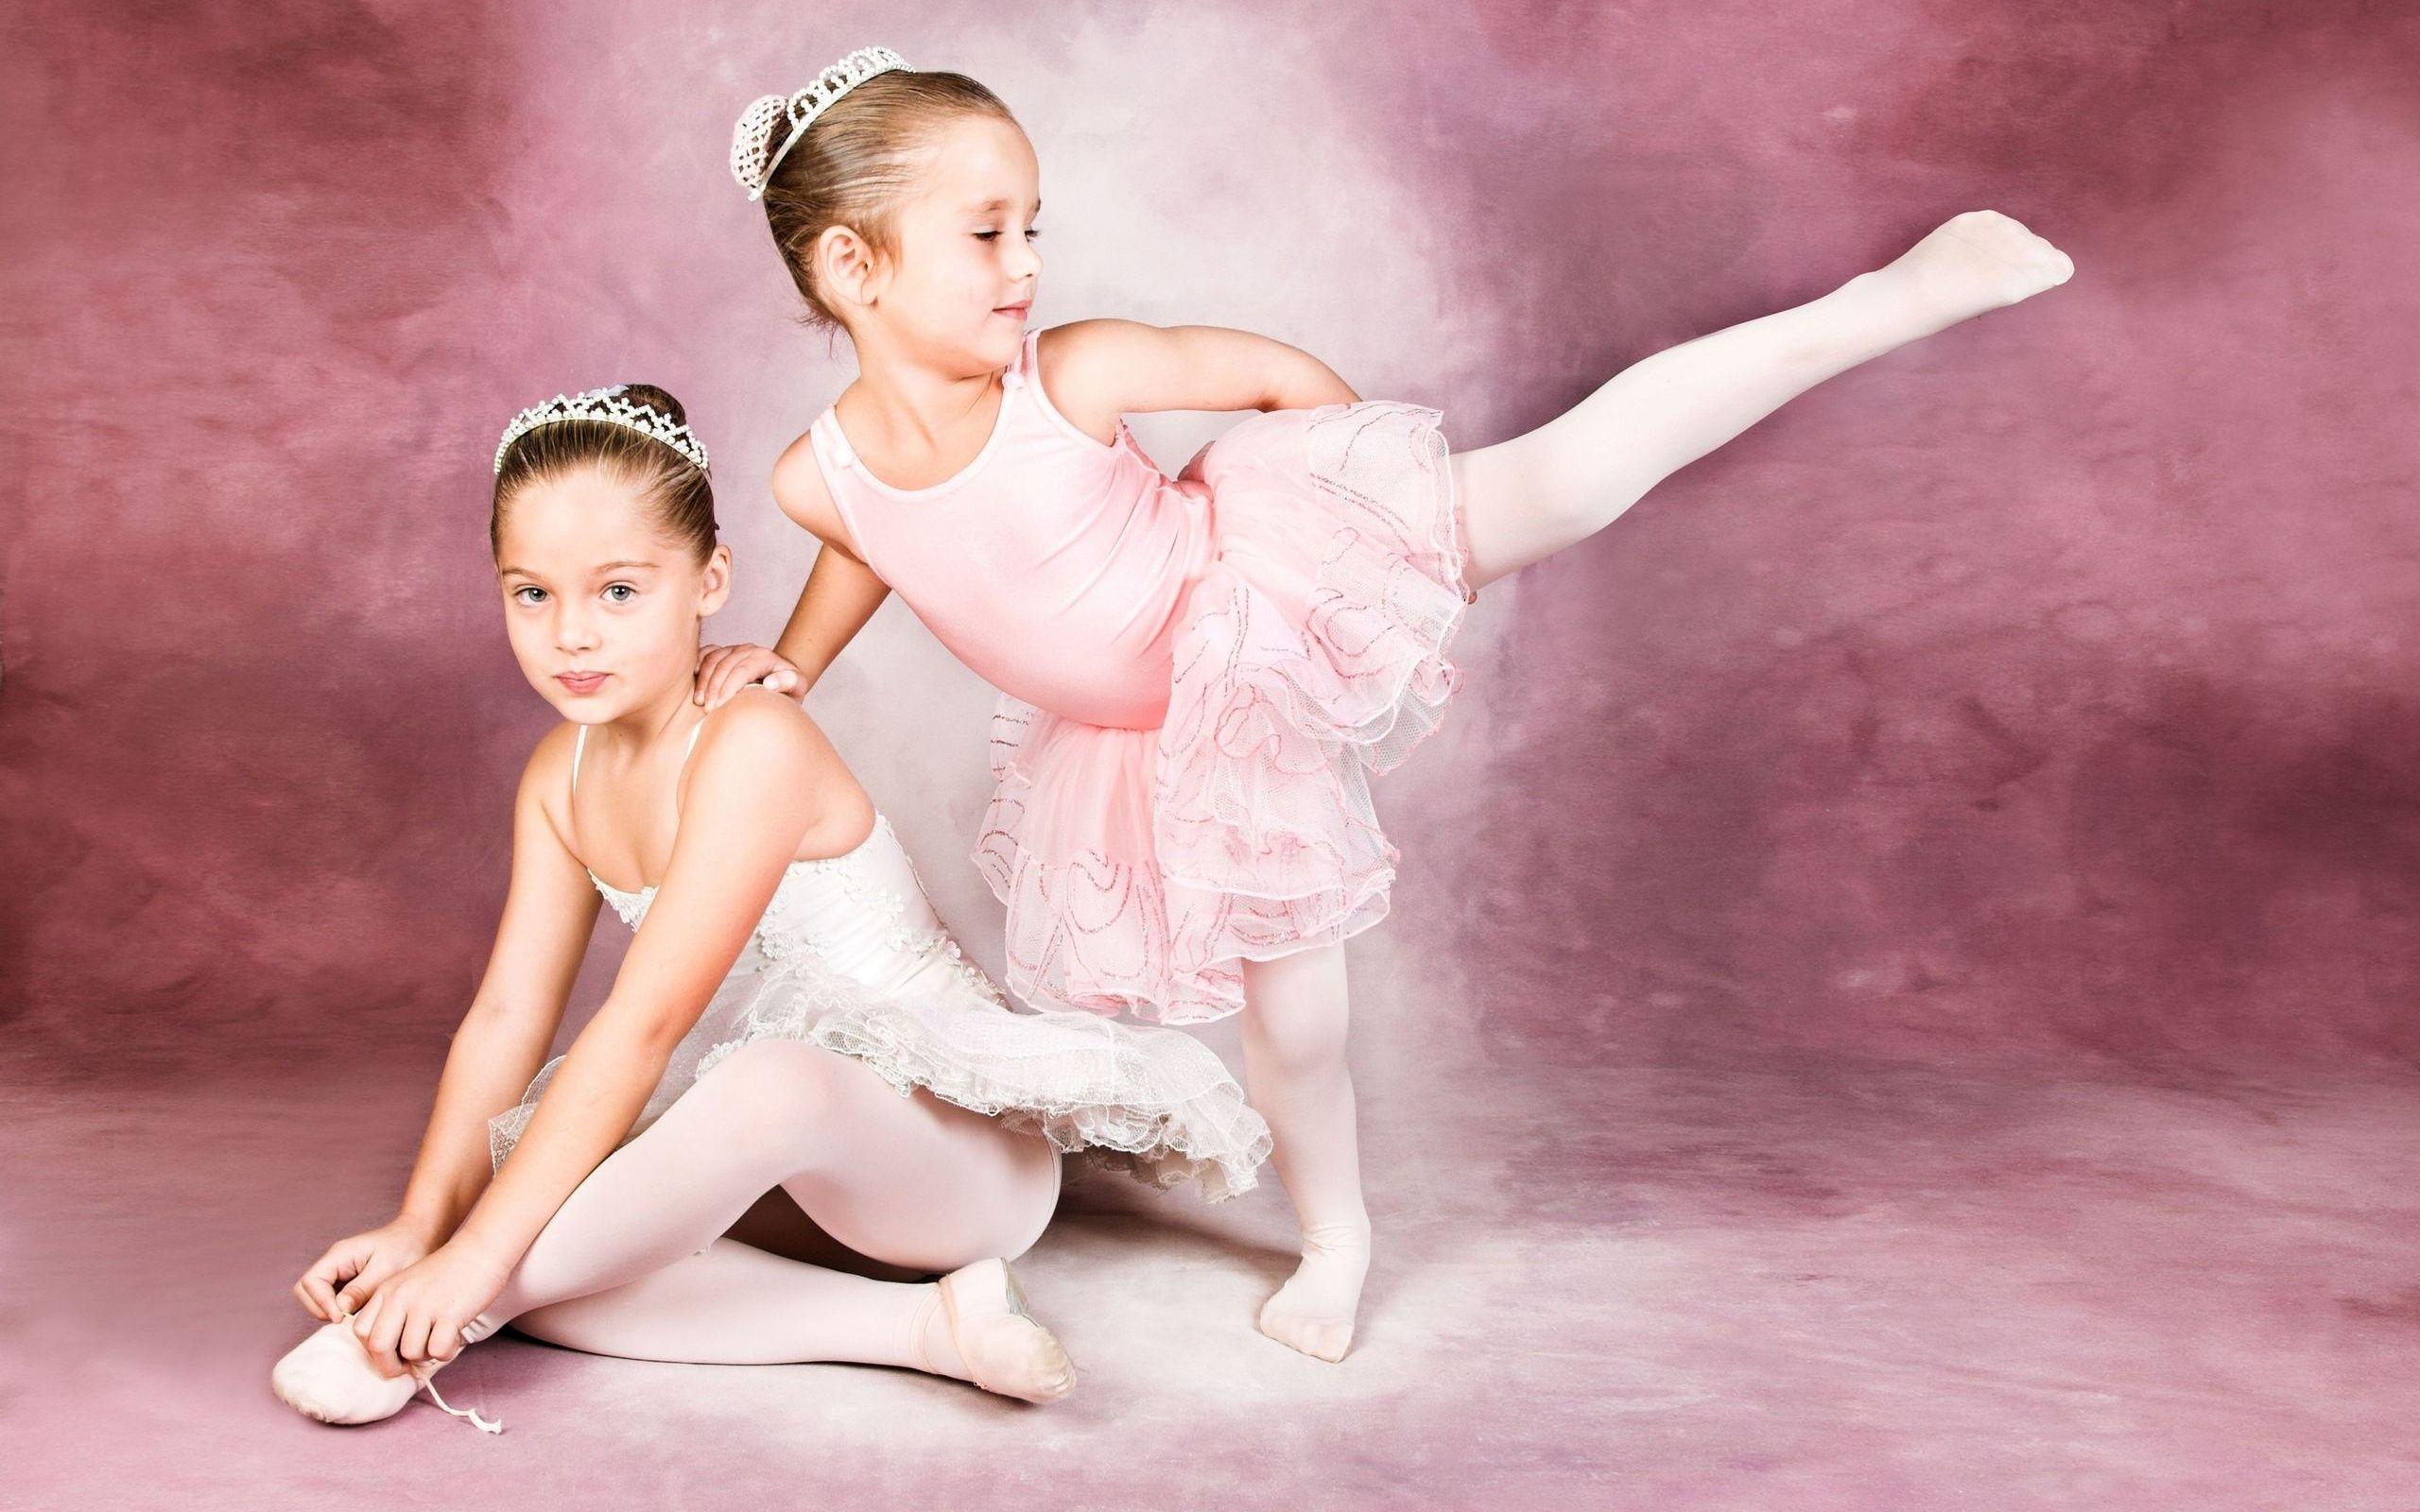 Ballet. | DANCE LITTLE GIRL | Pinterest